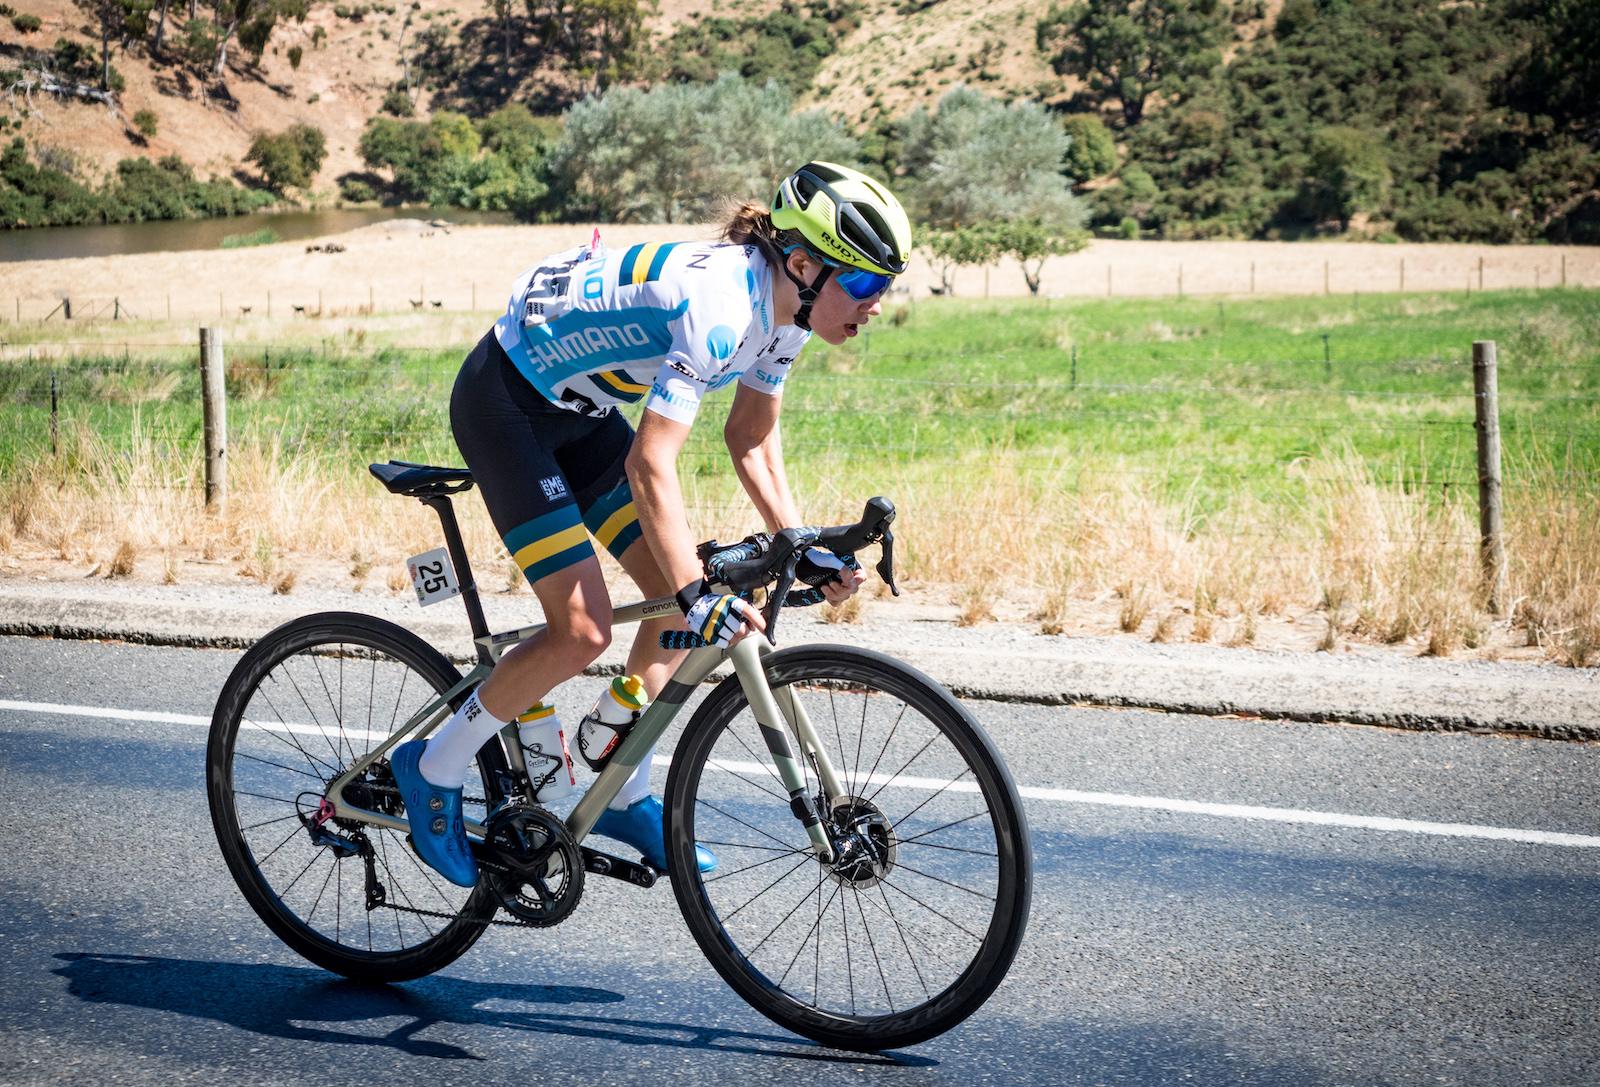 Gigante et Plapp remportent l'étape 2 du Santos Festival of Cycling